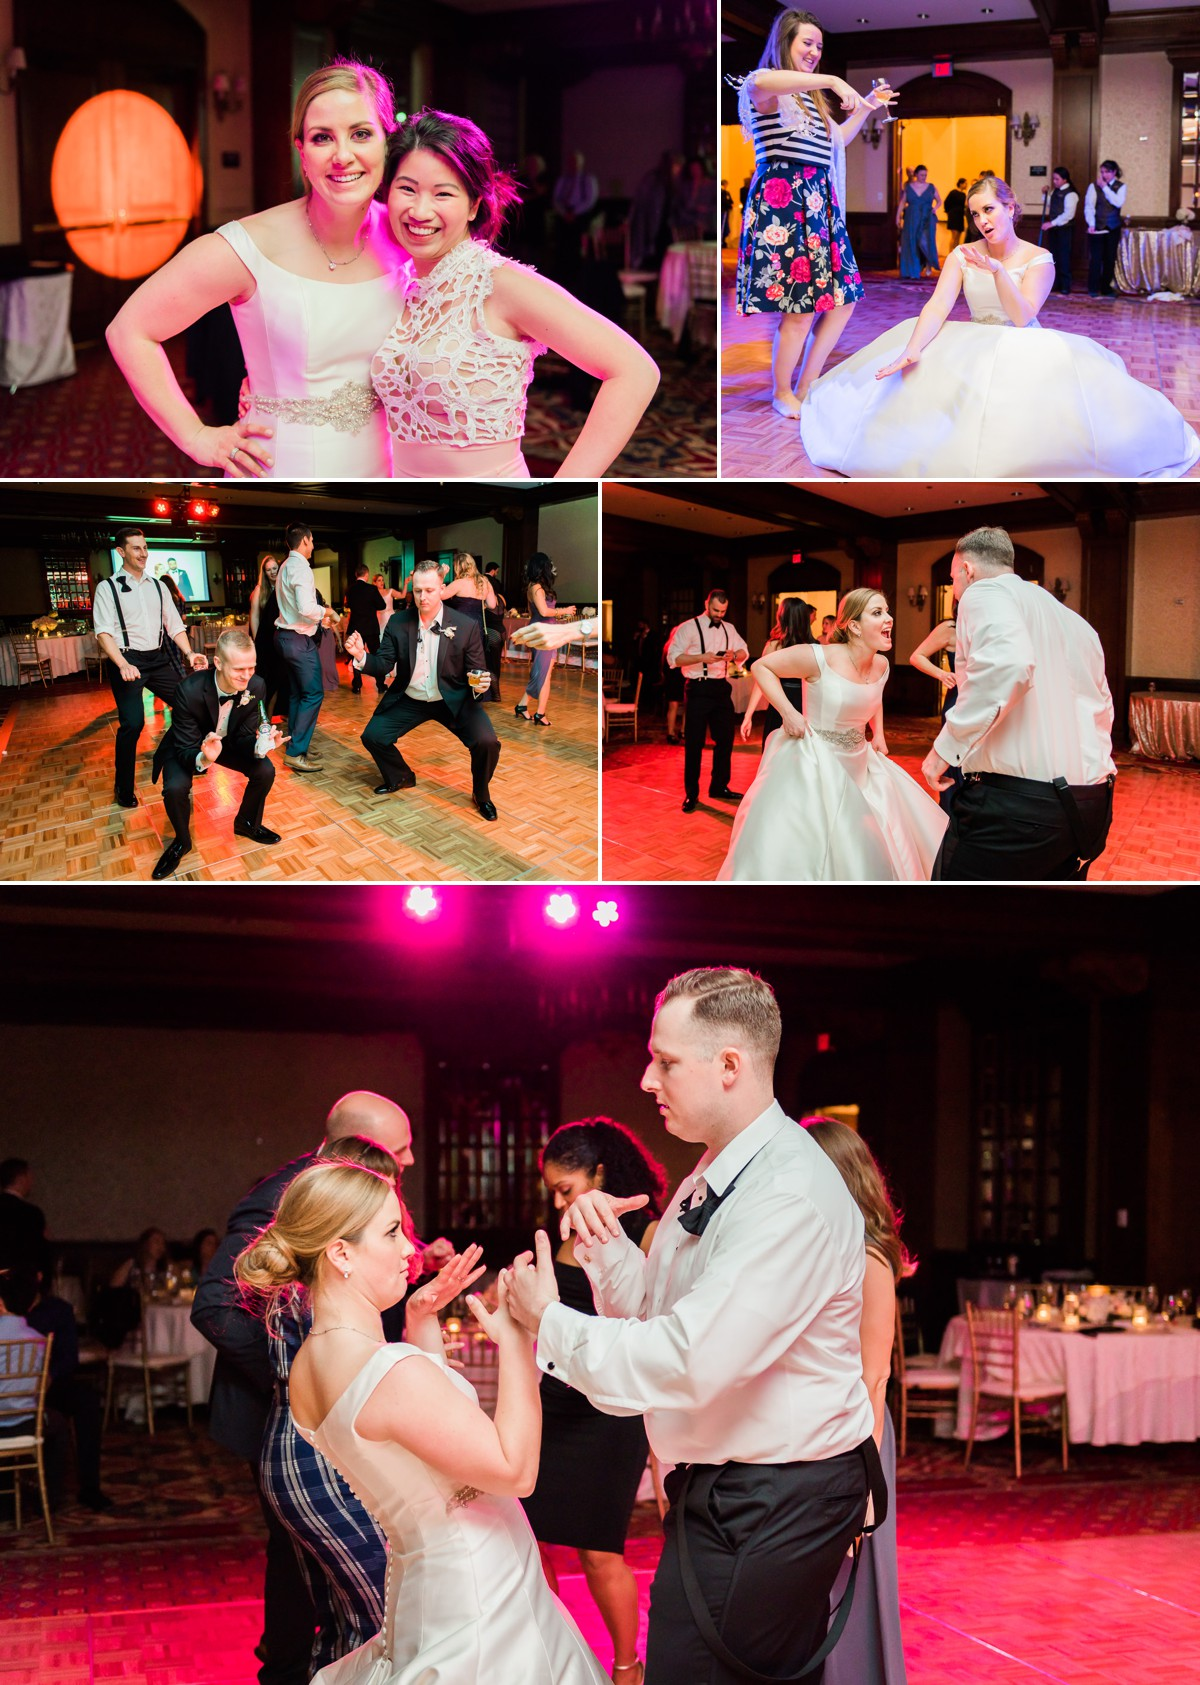 Lauren & Ben Wedding Photos at Houstonian Hotel Wedding